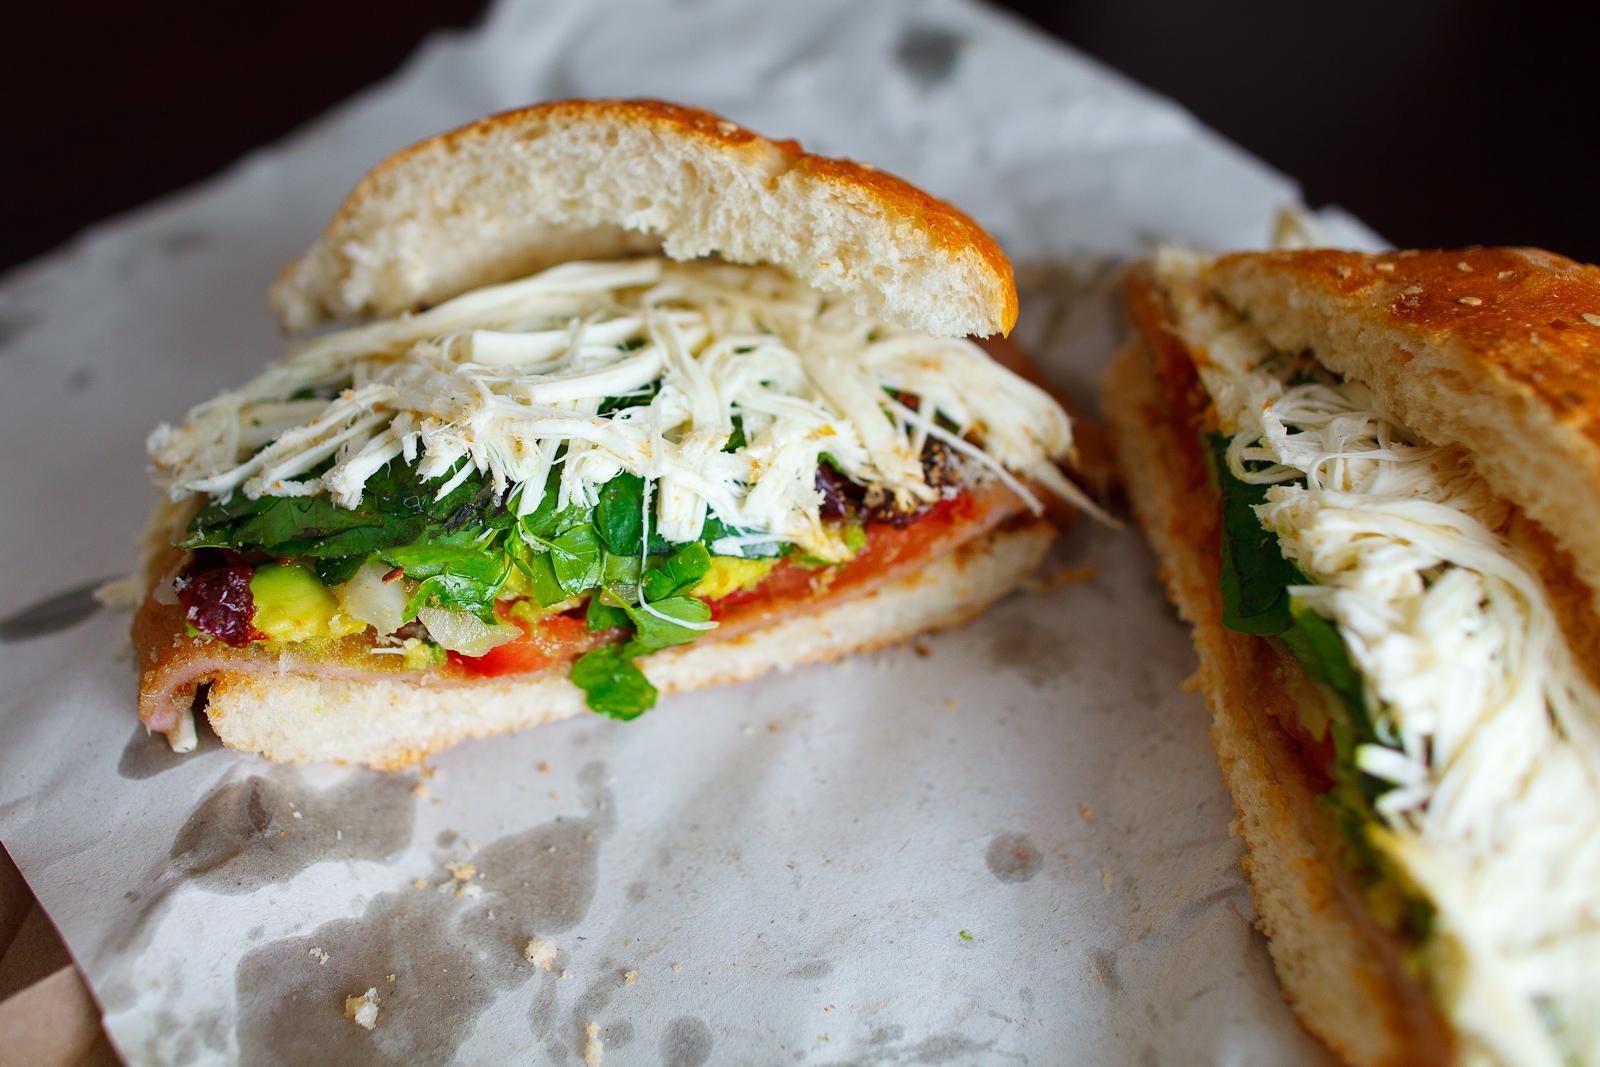 Cemita de rajas y chipotles con milanesa de puerco (Pueblan sandwich with chipotle, chile, and breaded pork), inside shot (35 MXP)